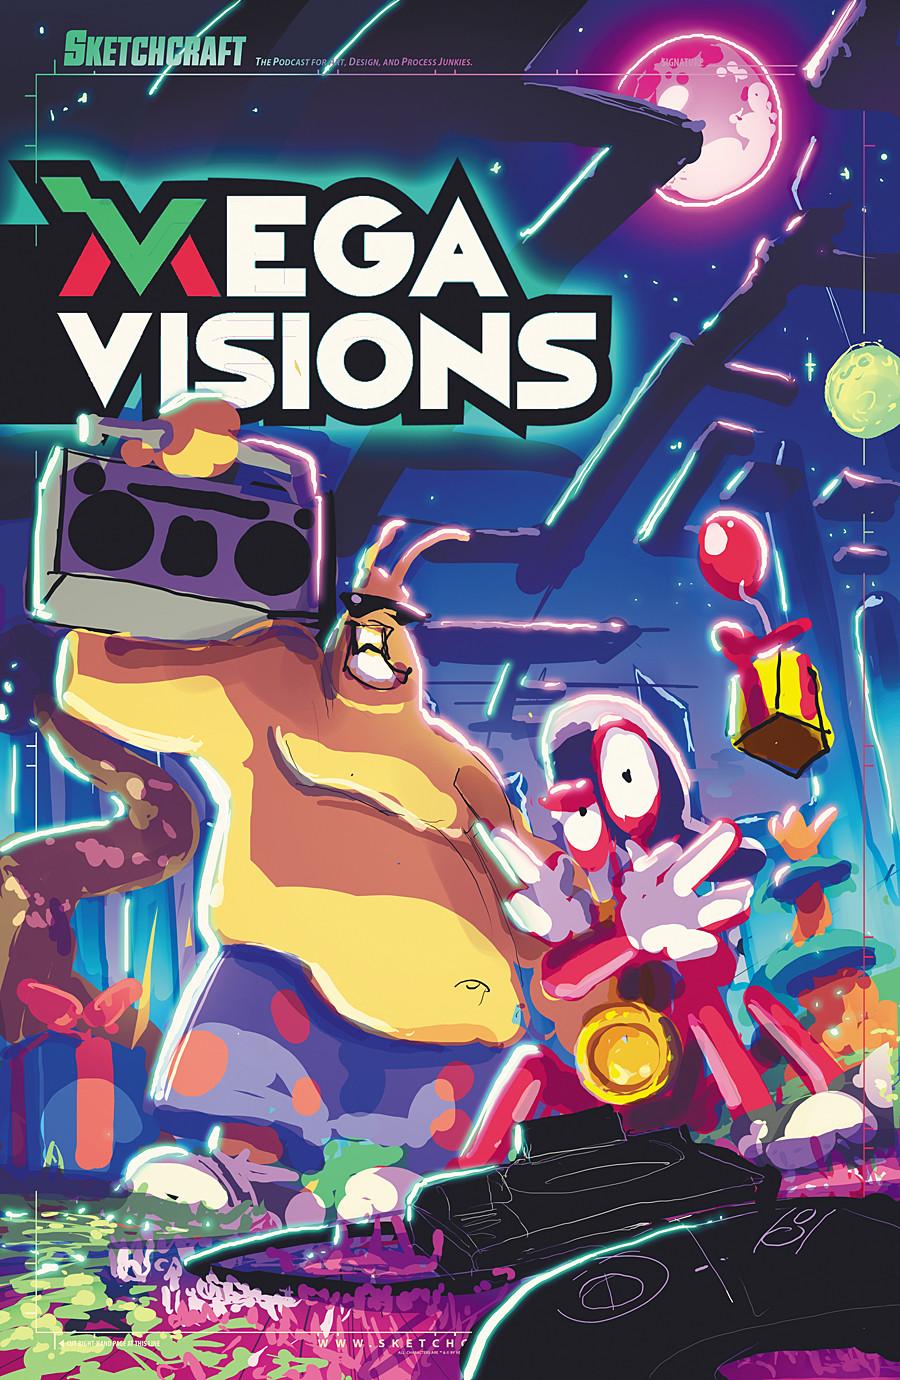 Rob duenas 001 megavisions cover dev 02a